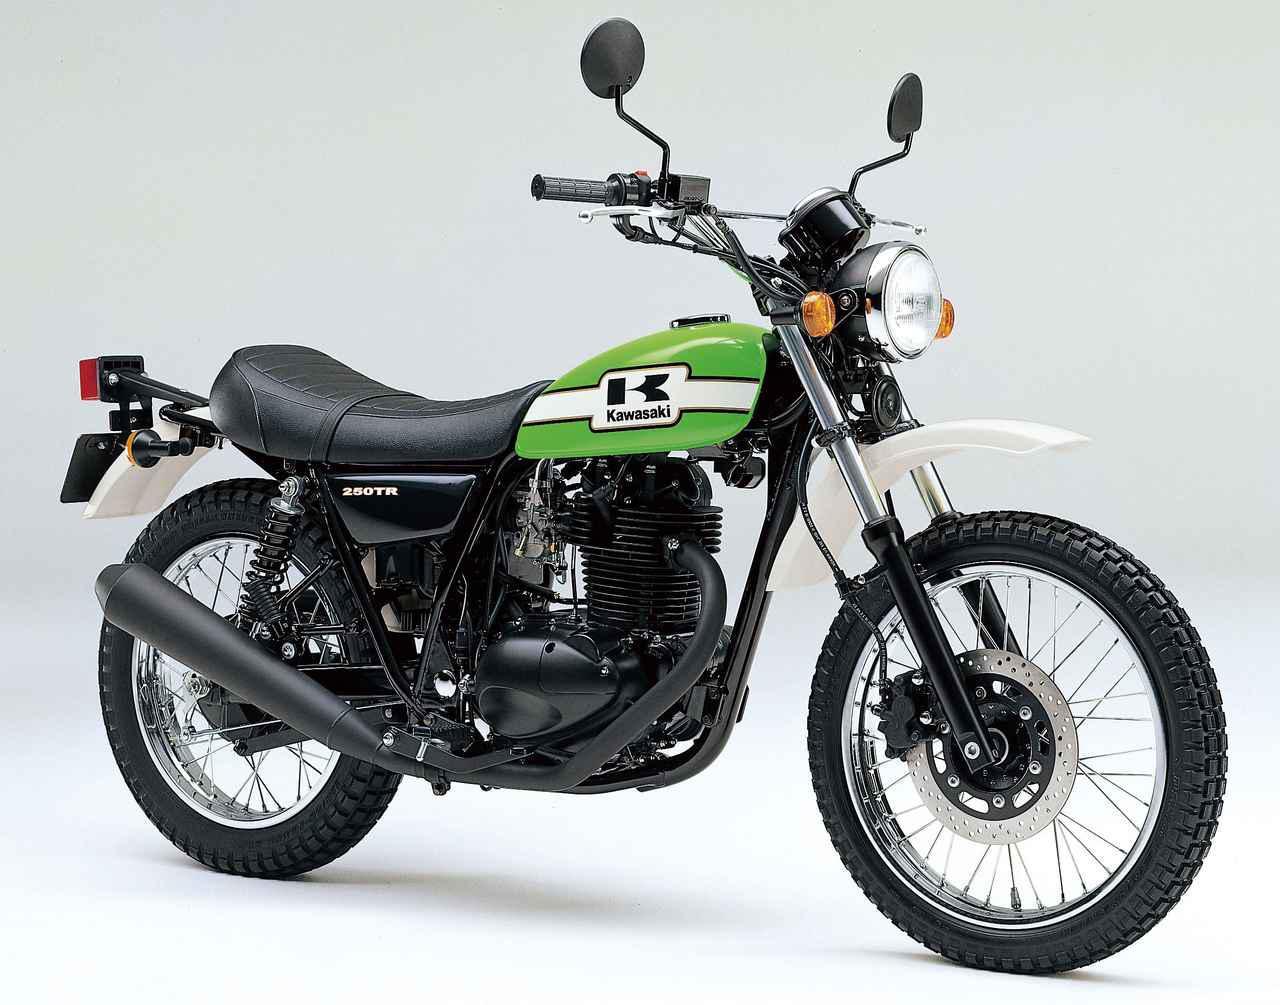 画像: Kawasaki 250TR 2002 発売当時価格:34万9000円 カラー:ライムグリーン